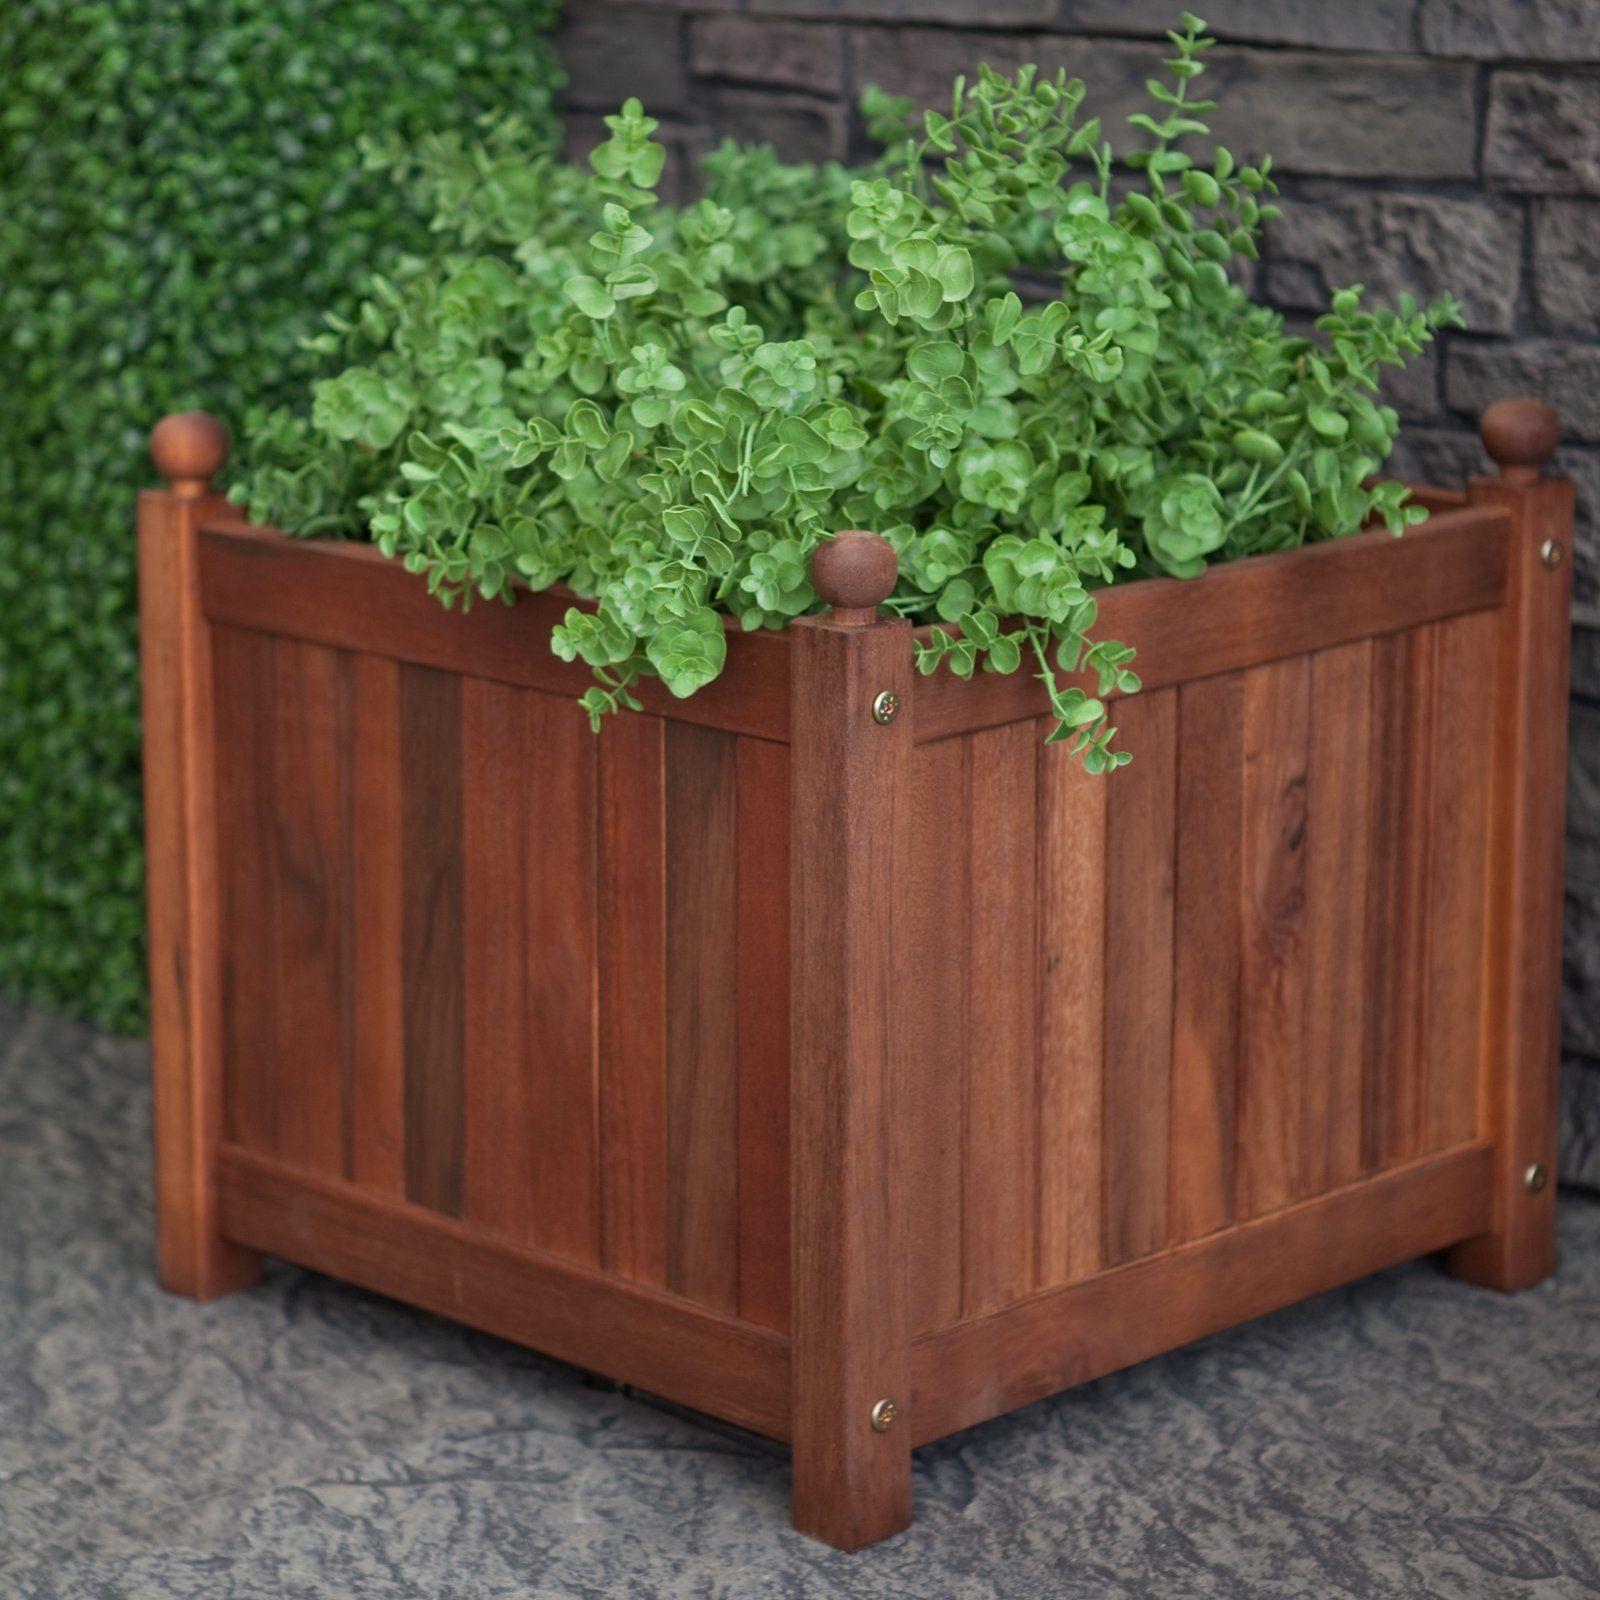 Square Acacia Wood Calypso Patio Planter Box